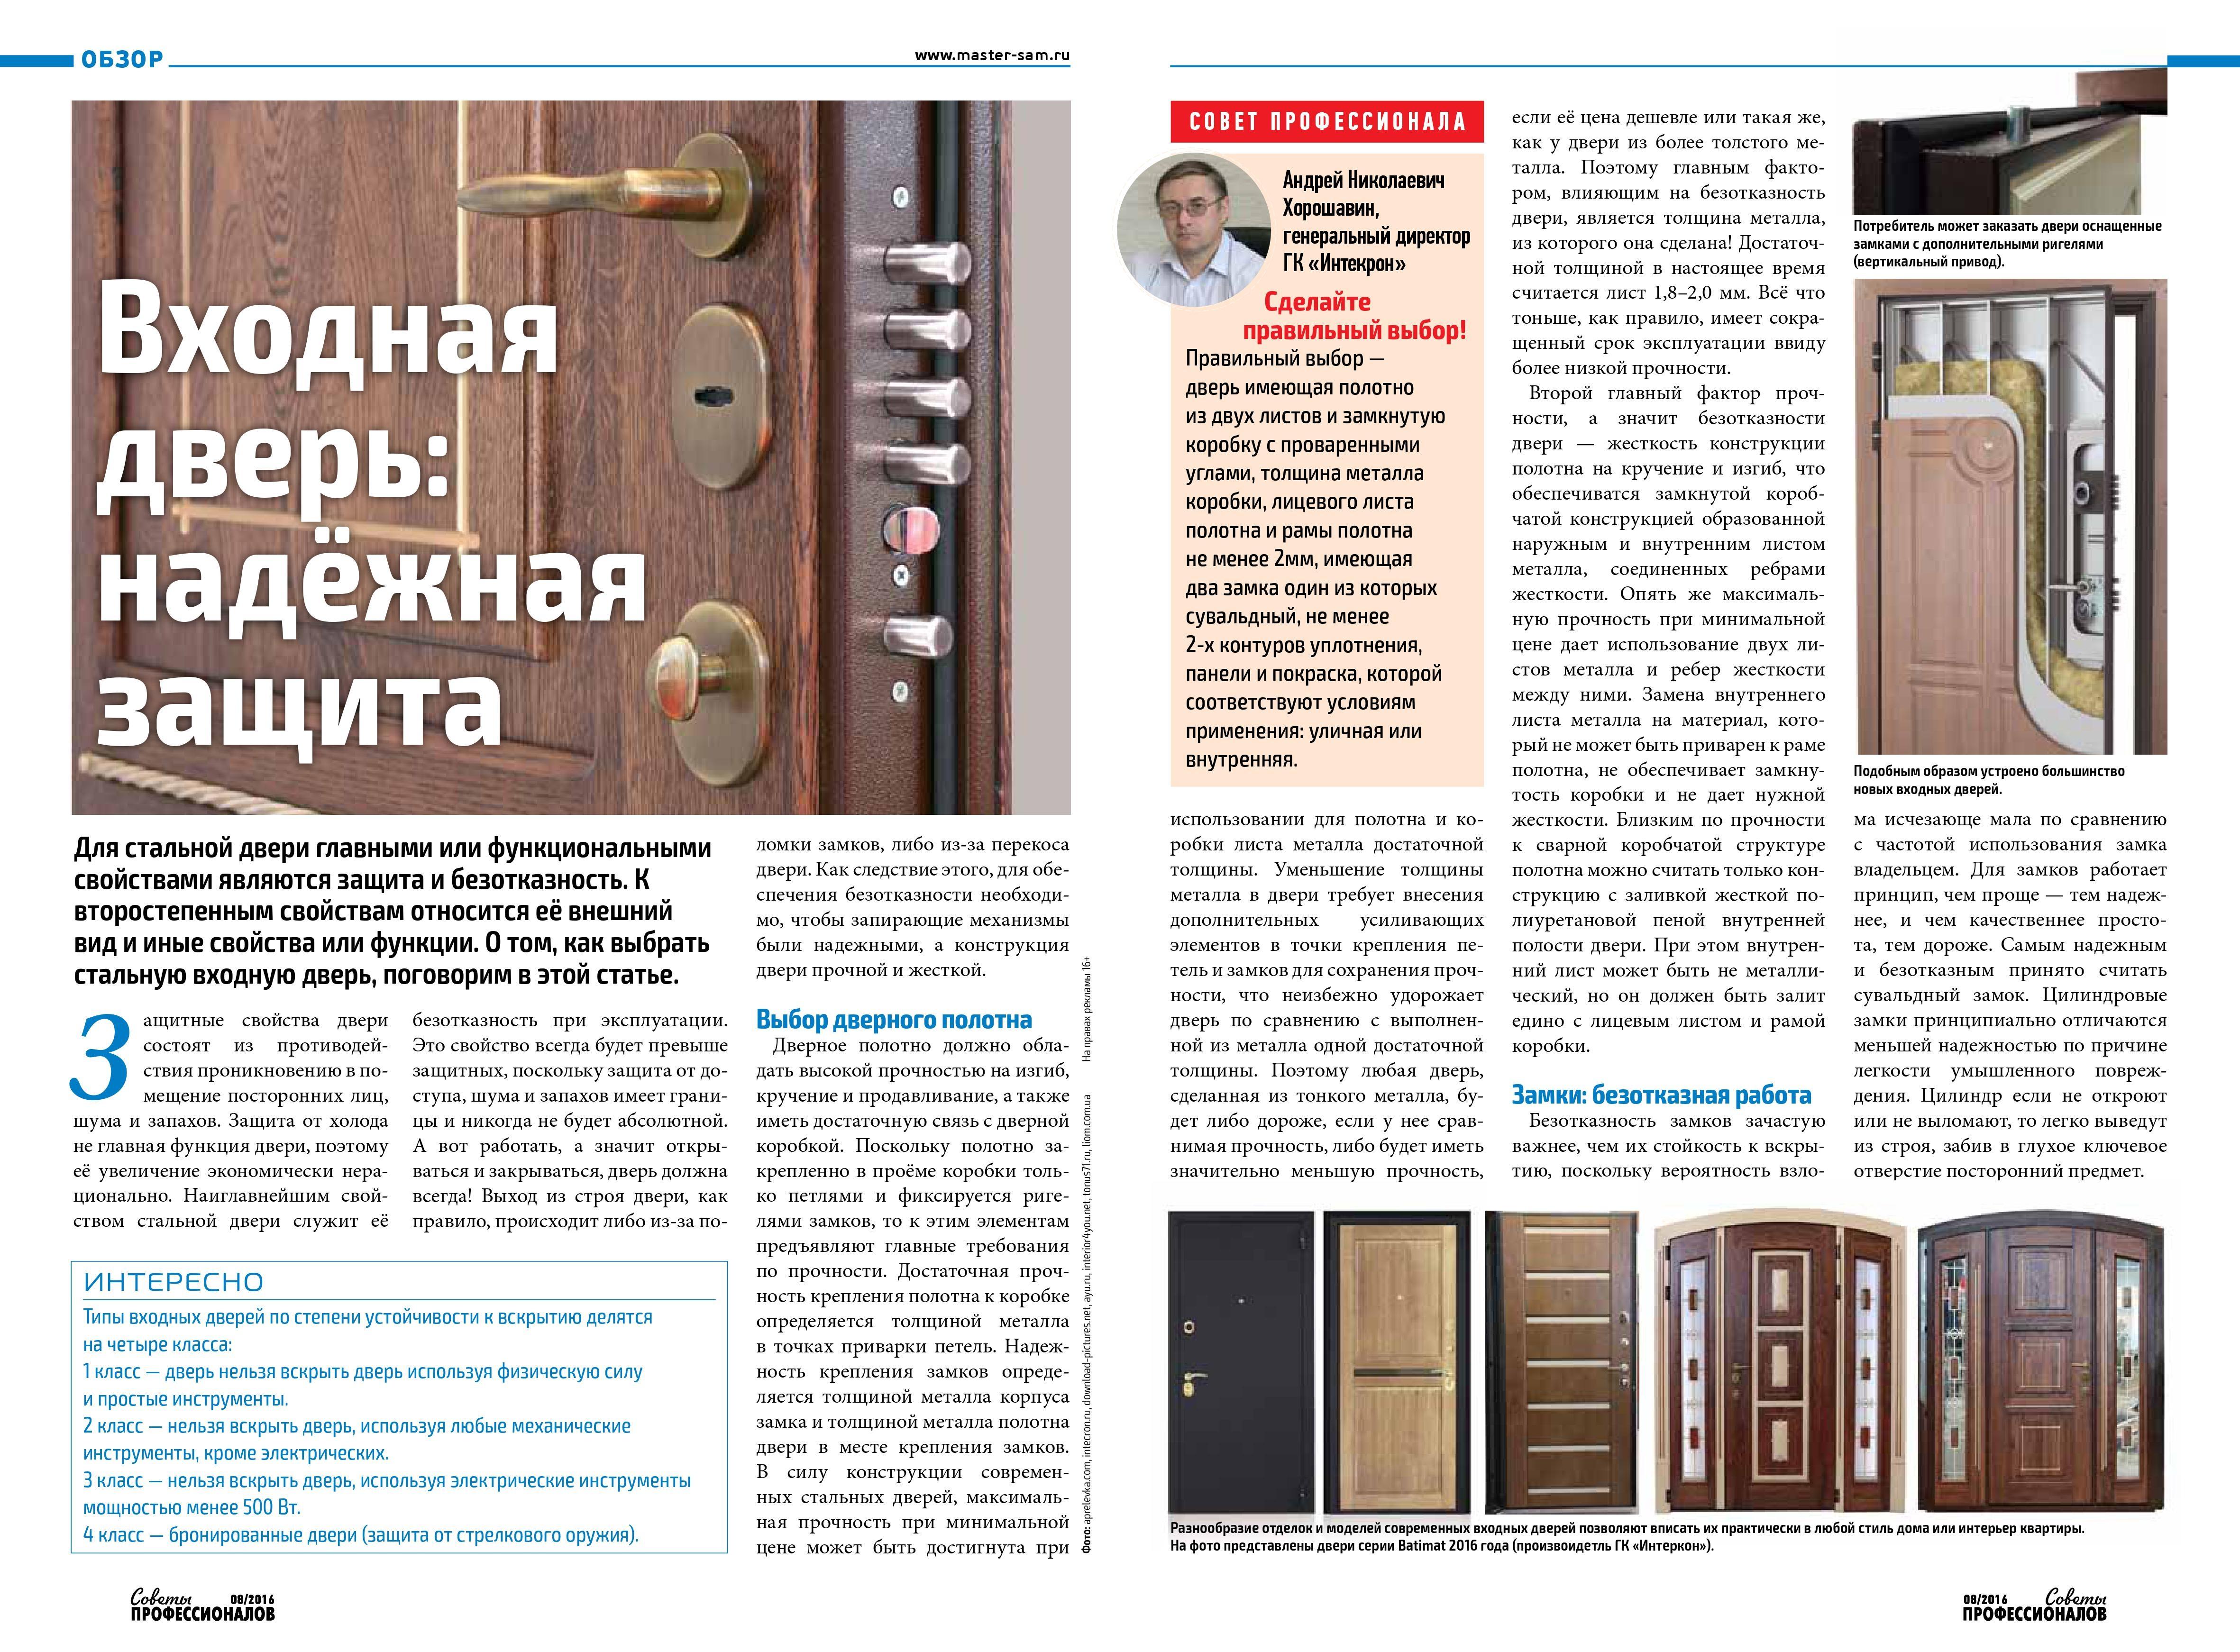 стальные двери по степени надежности